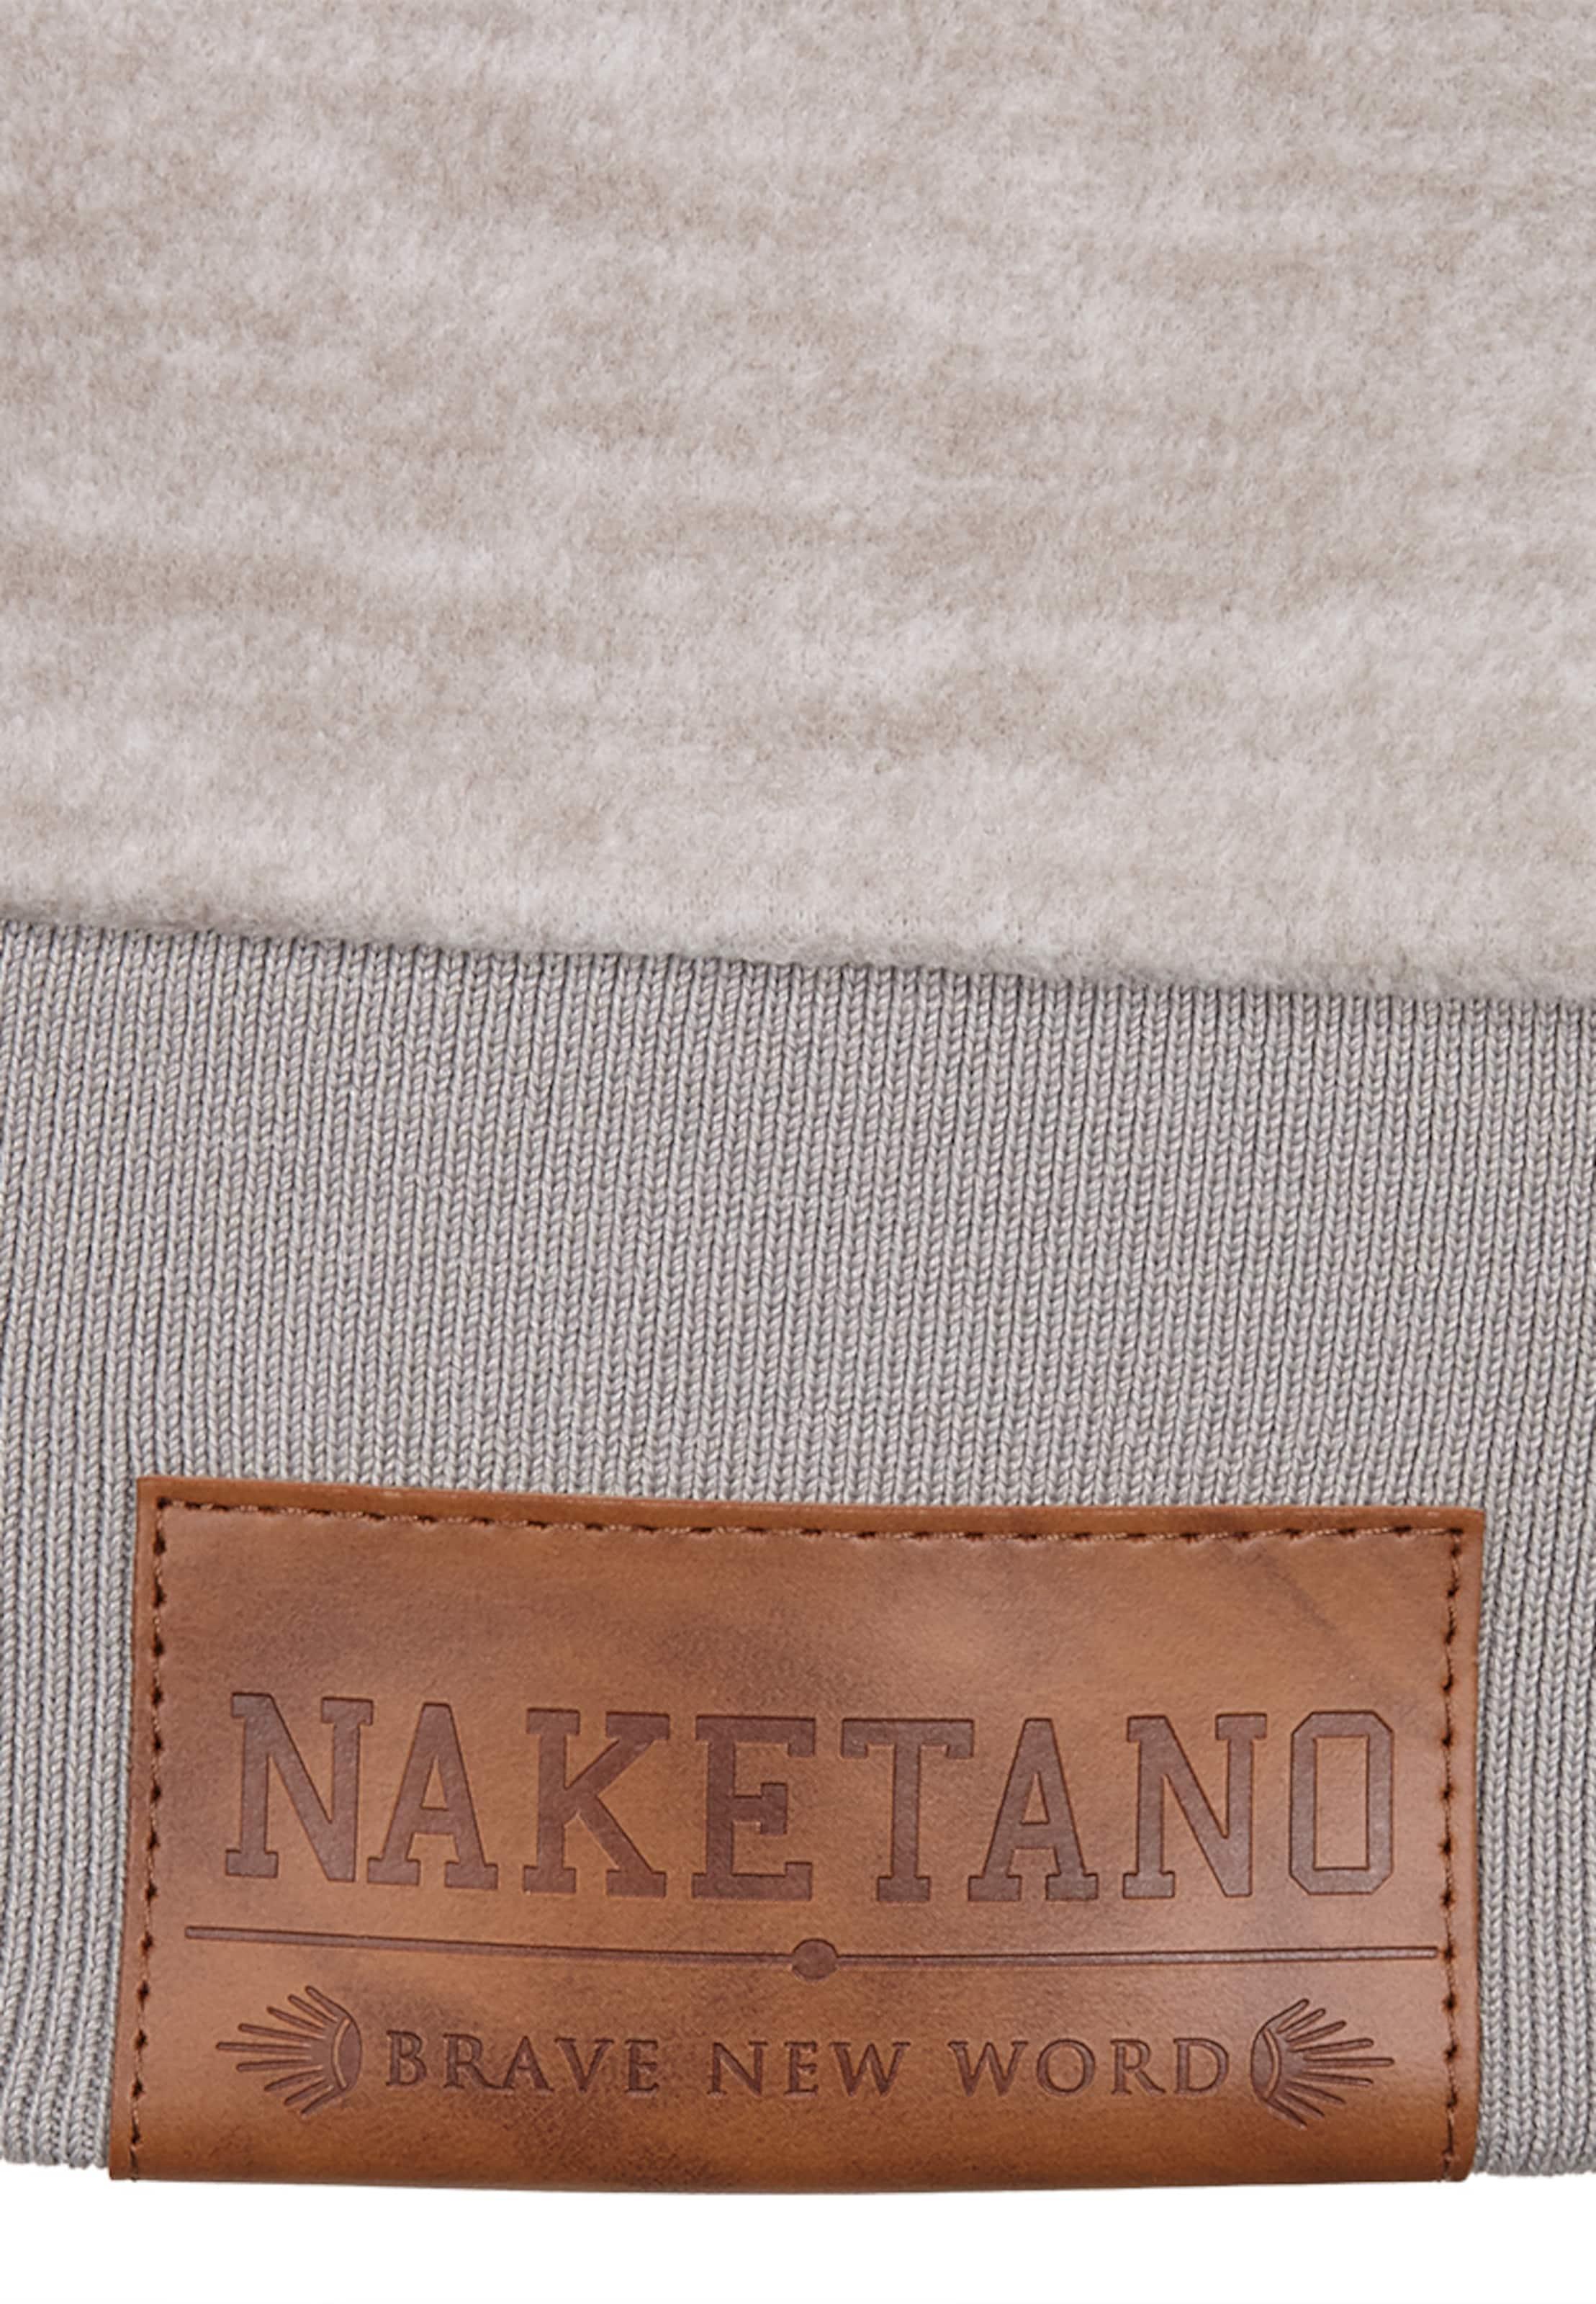 naketano Female Zipped Jacket Dreisisch Euro Swansisch Minut Verkaufsqualität NZGR4a